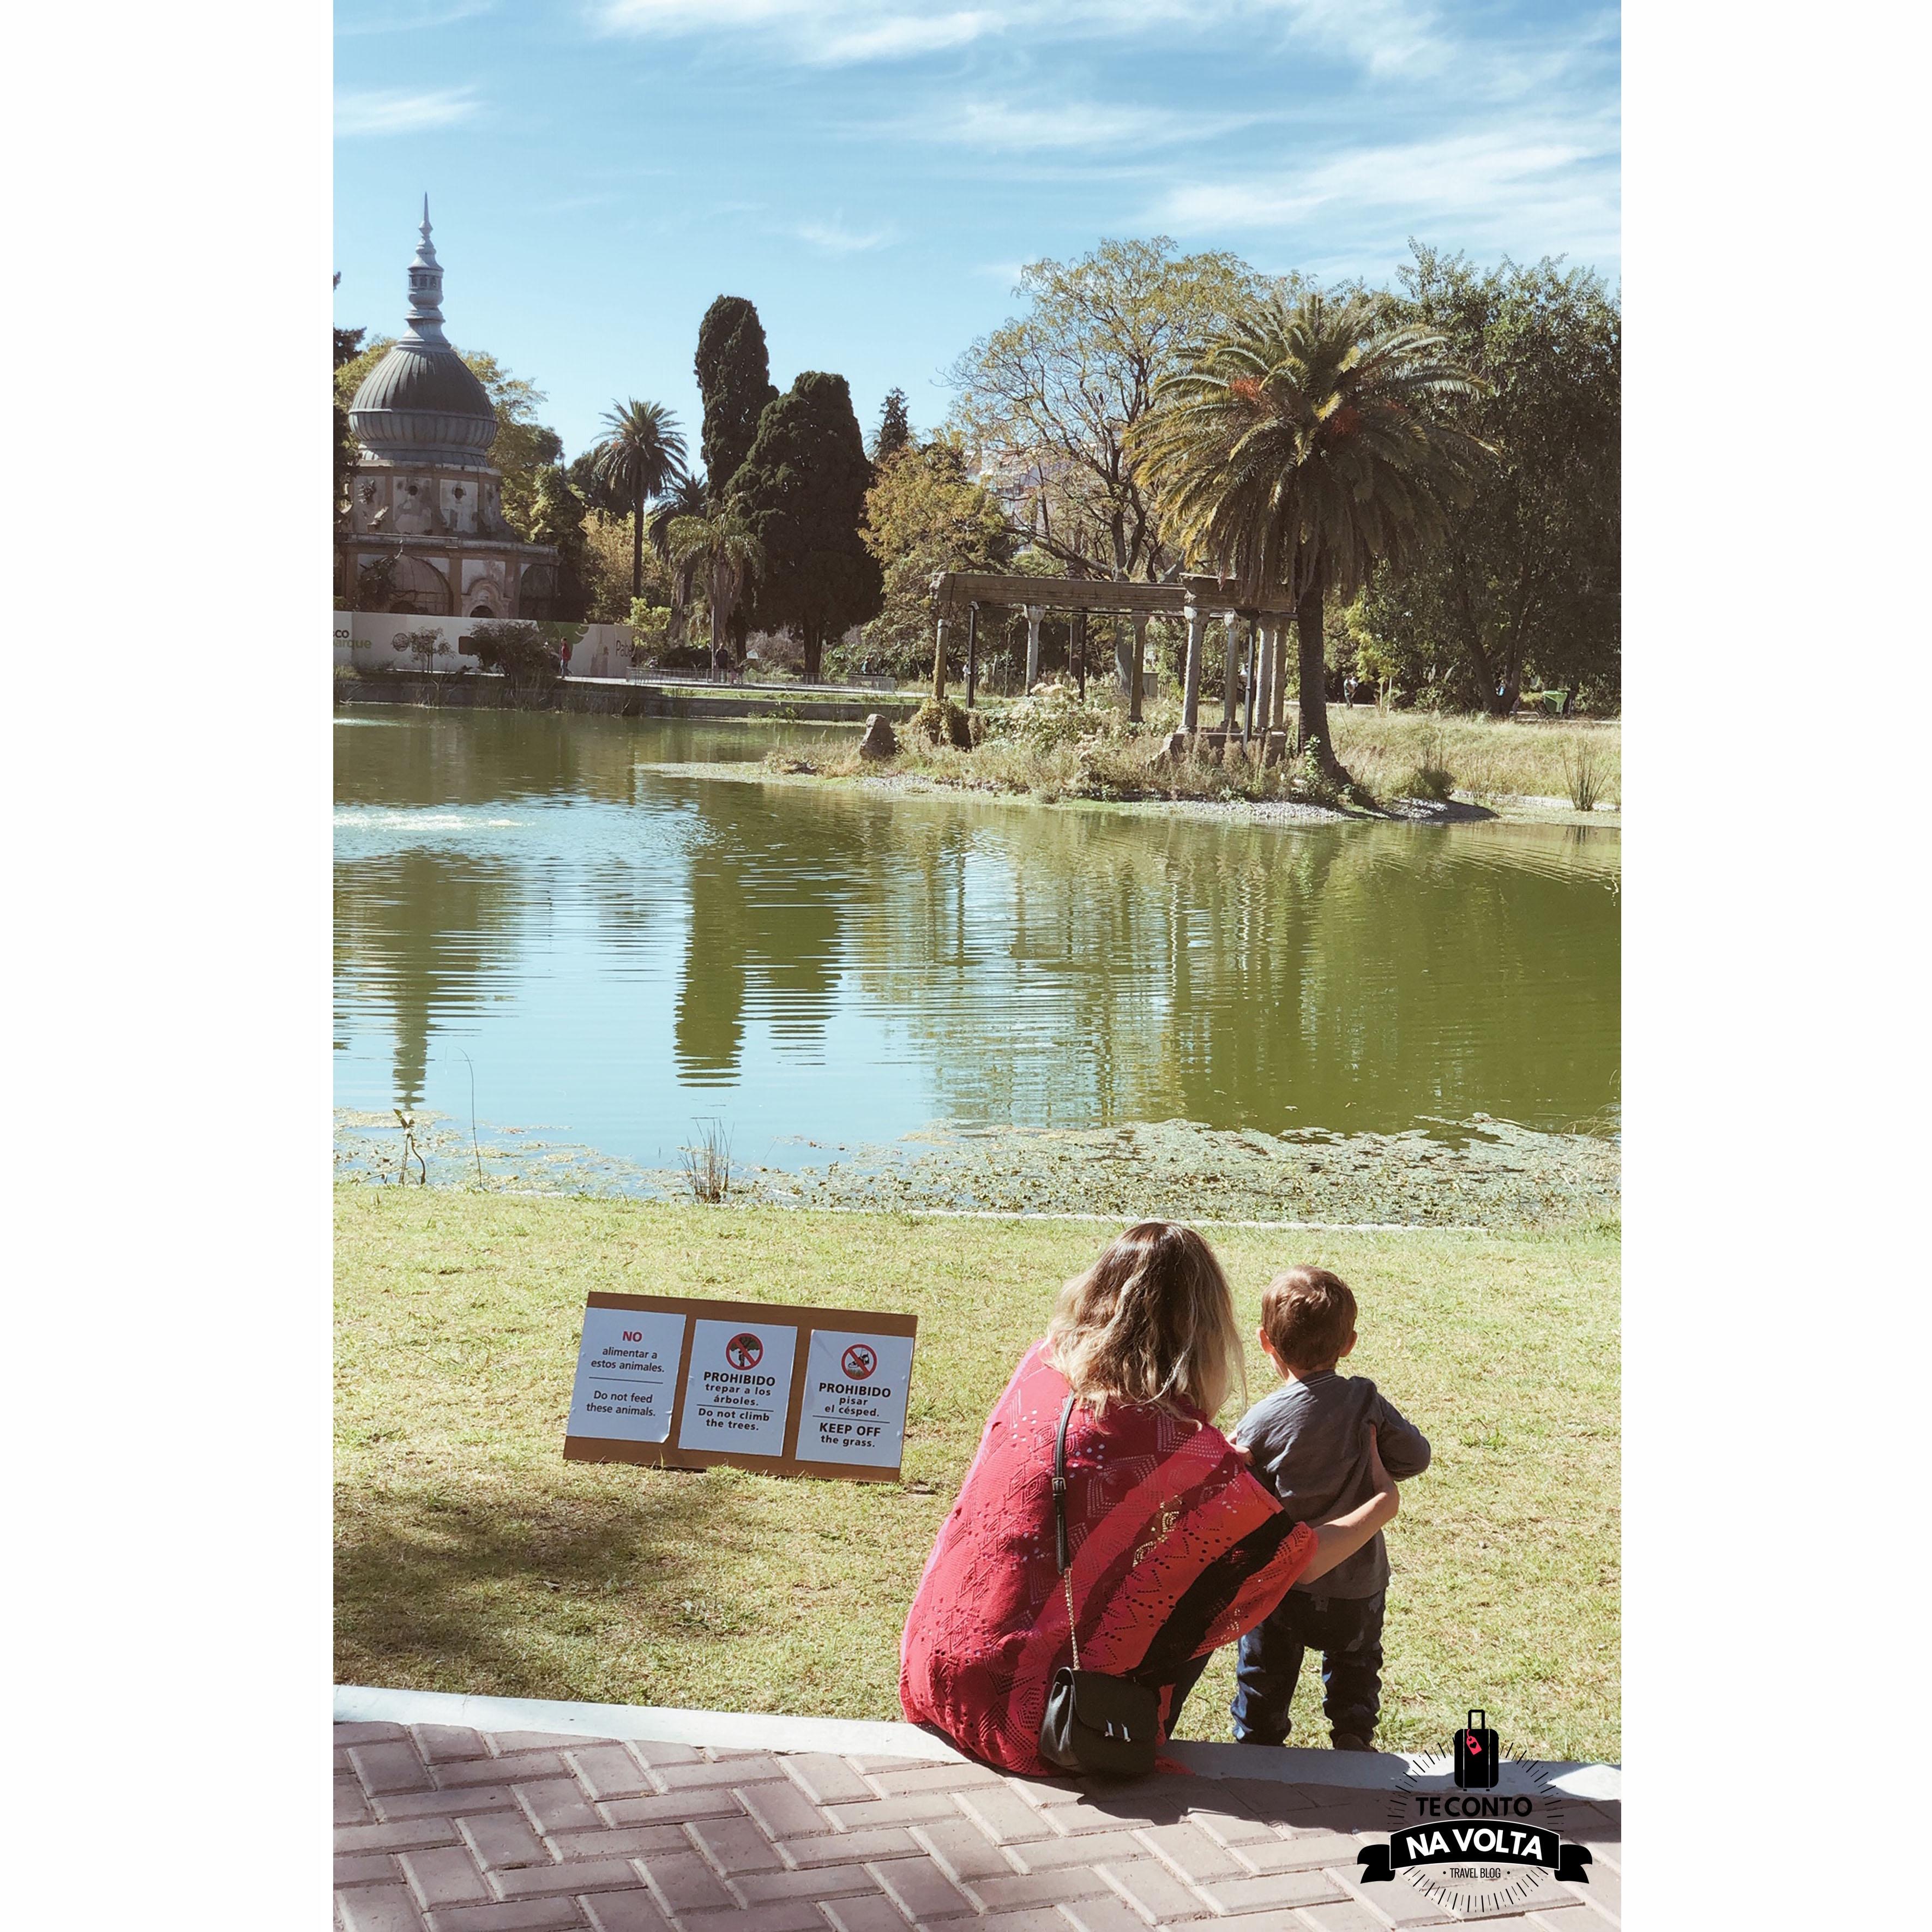 Ecoparque de Buenos Aires